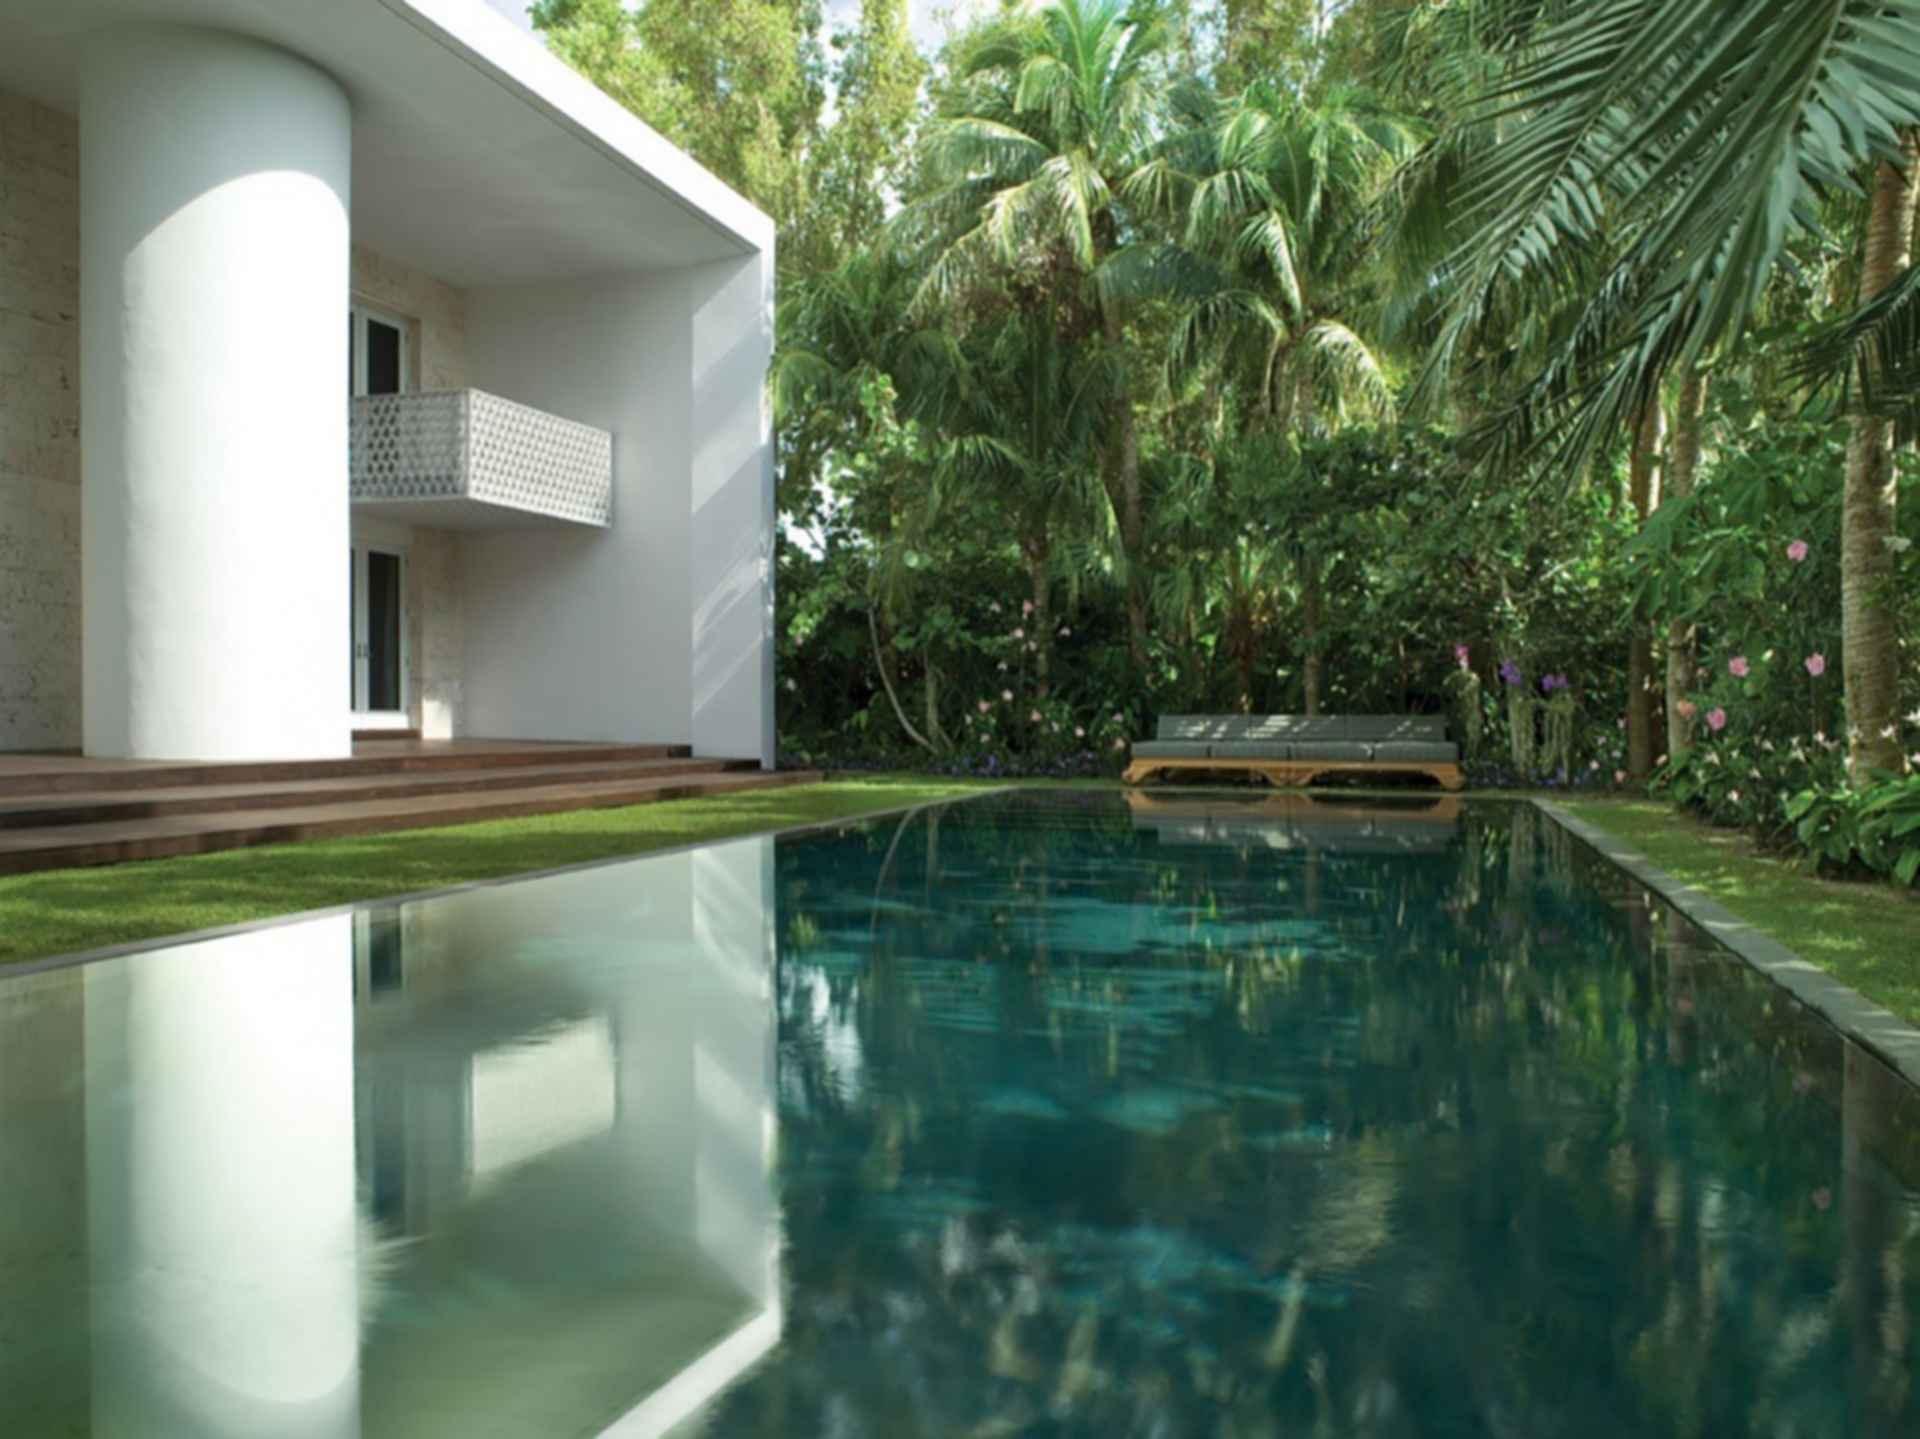 Villa Allegra - exterior/landscaping